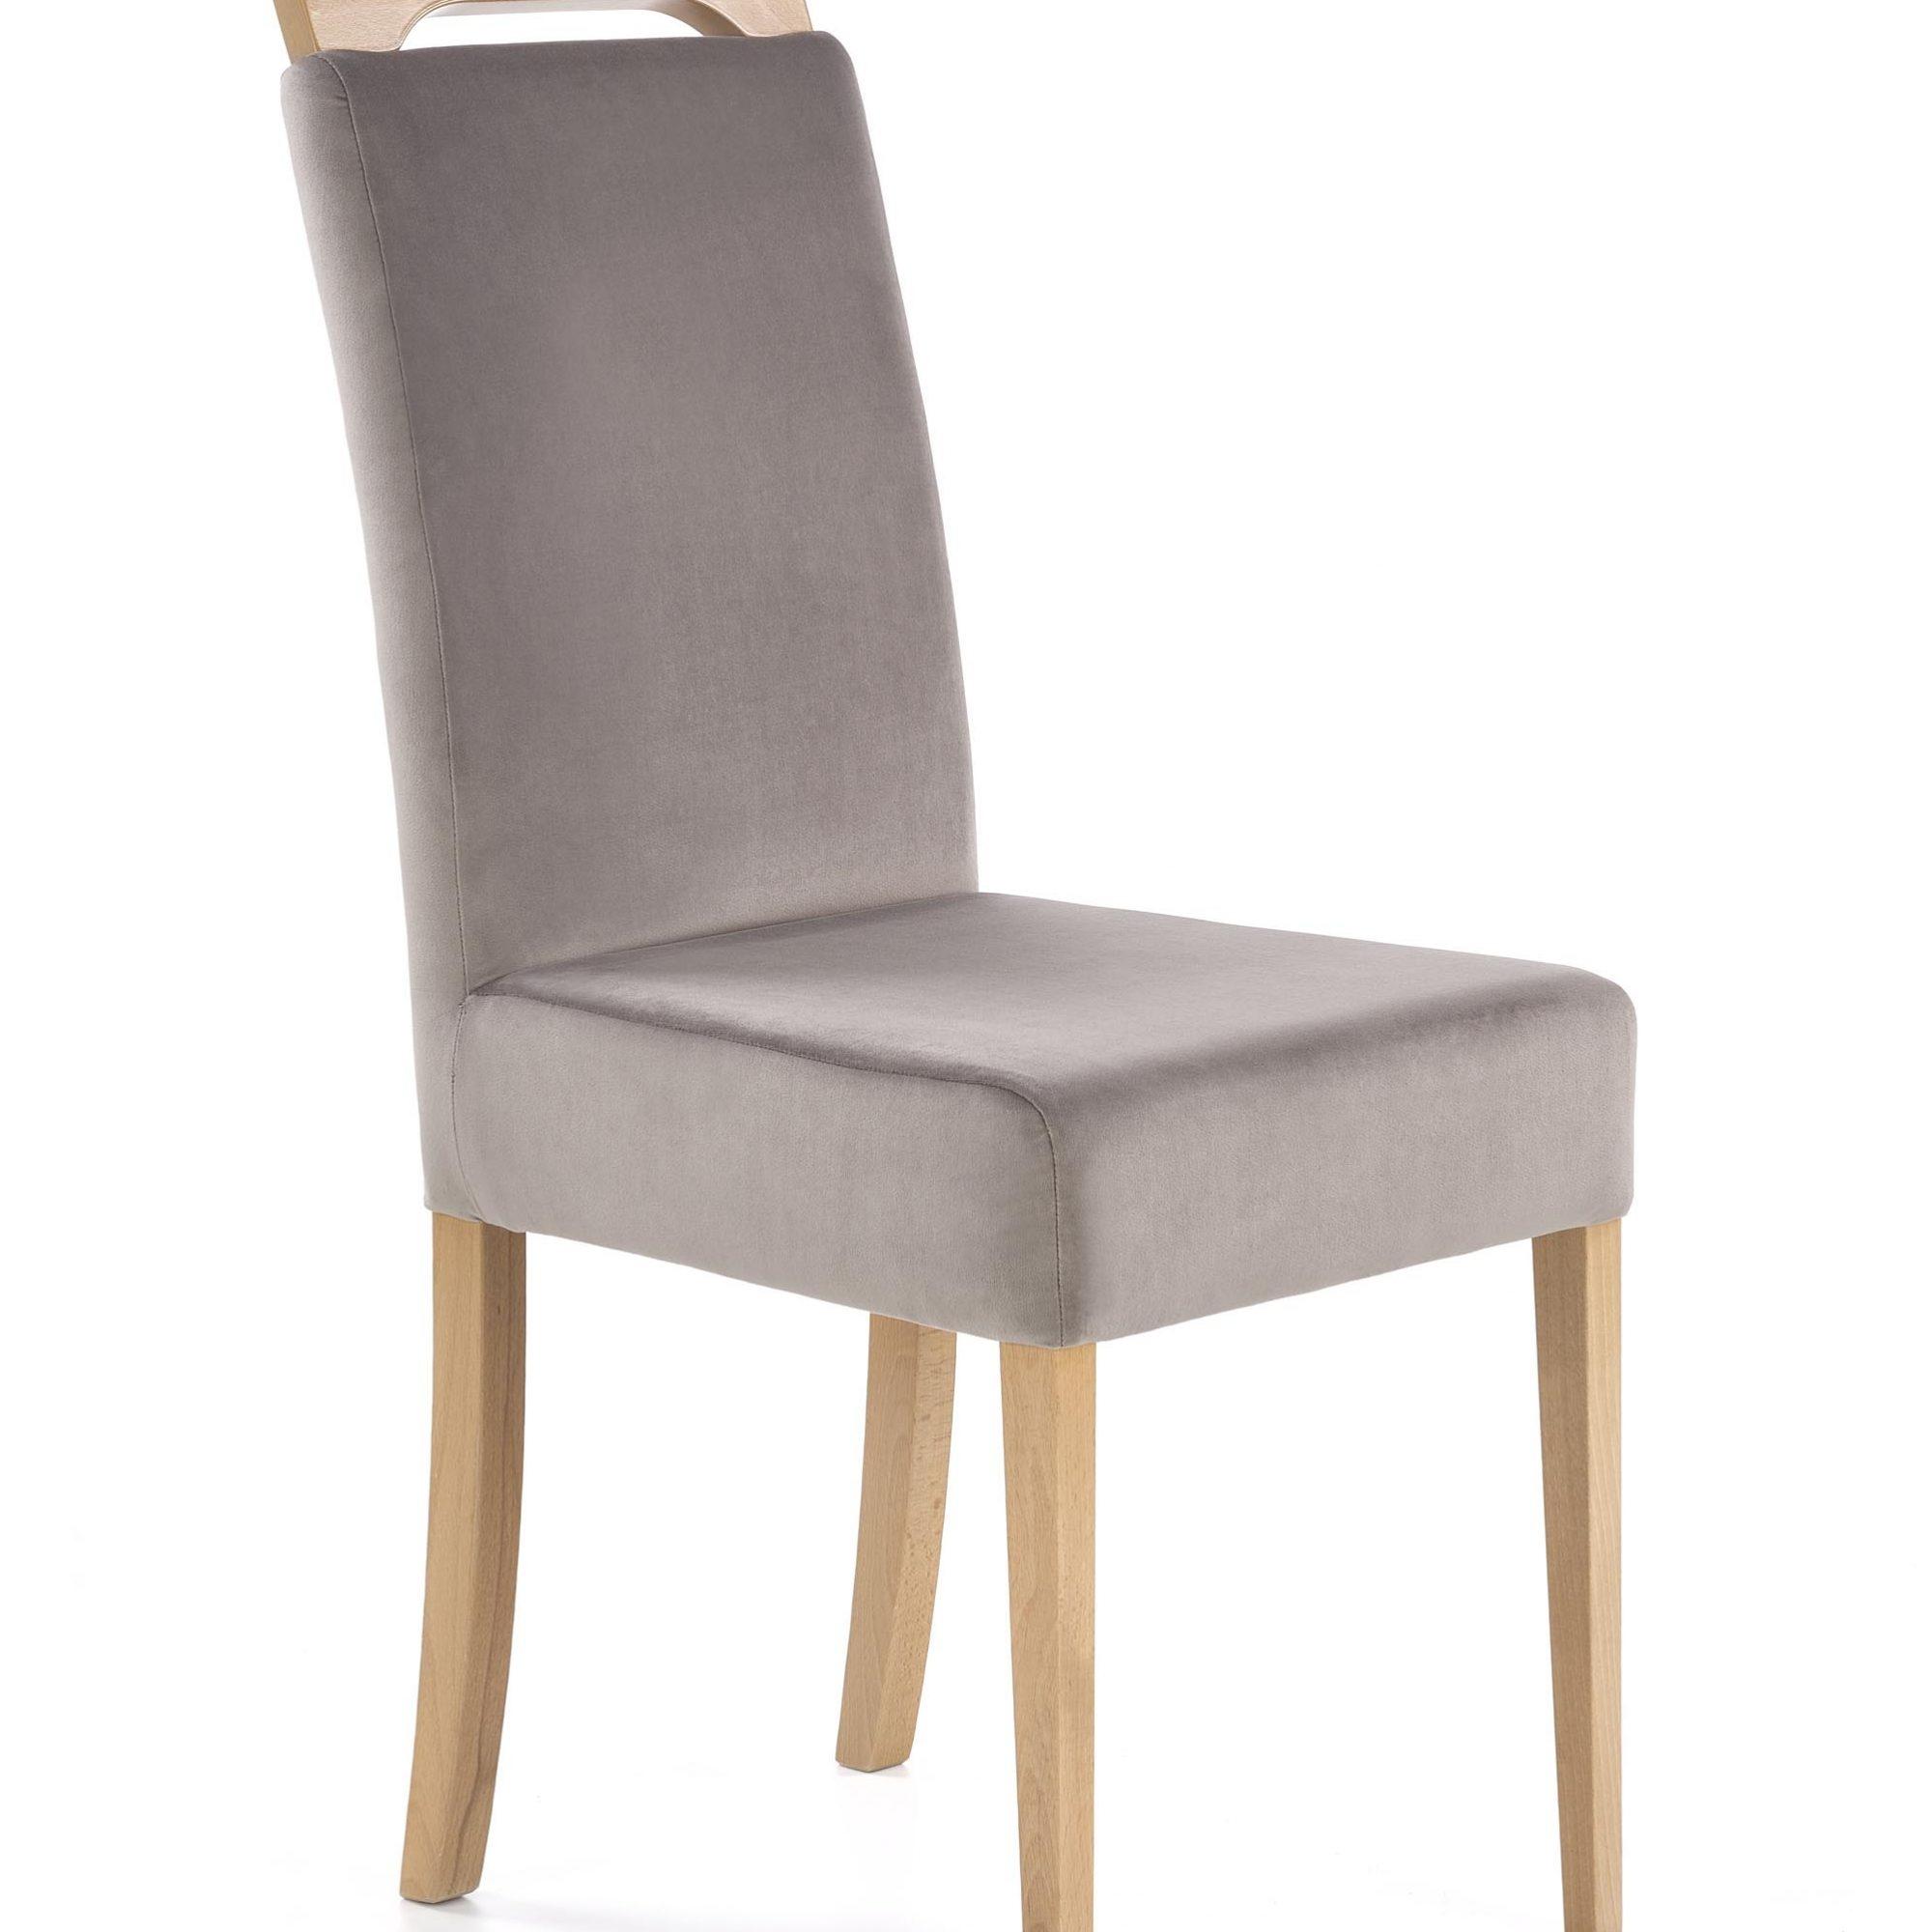 Scaun tapitat cu stofa, cu picioare din lemn Clarion Gri / Stejar, l42xA58xH97 cm poza